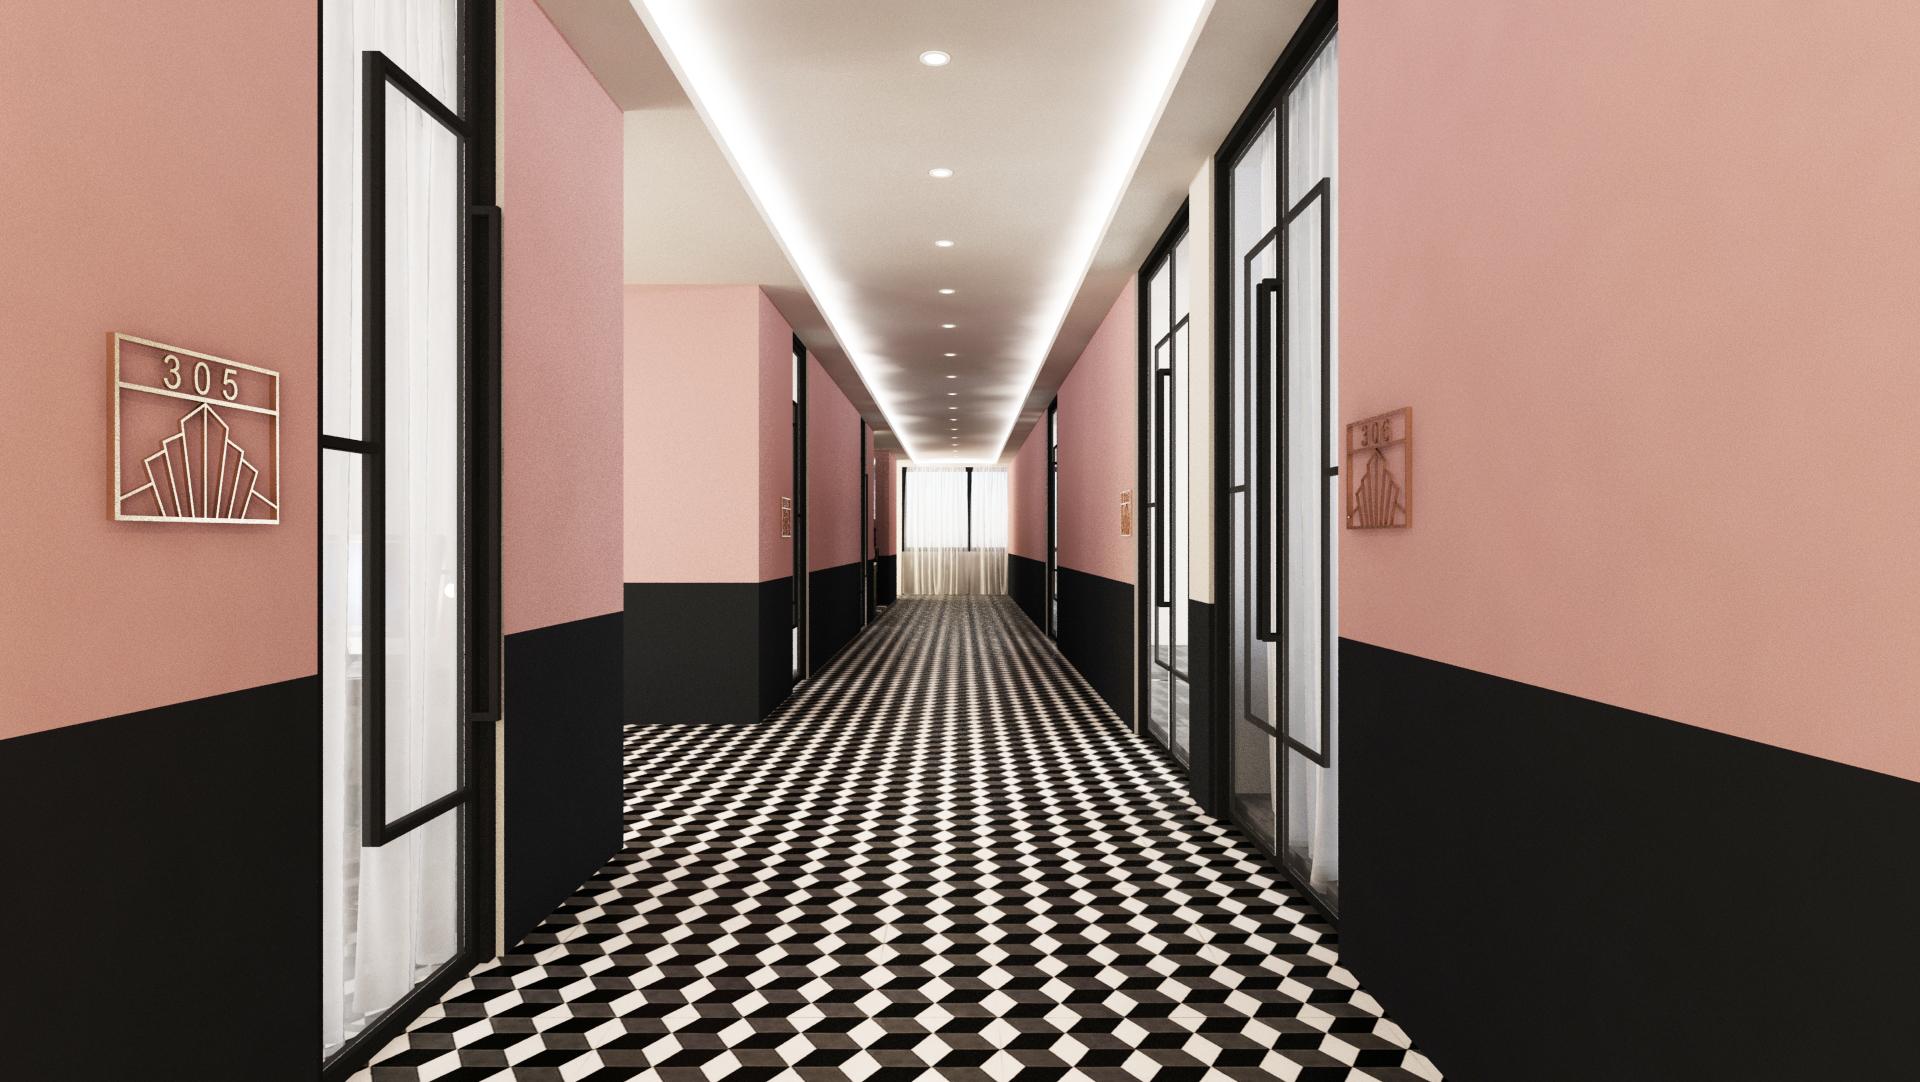 16_Level 9 Corridor.jpg